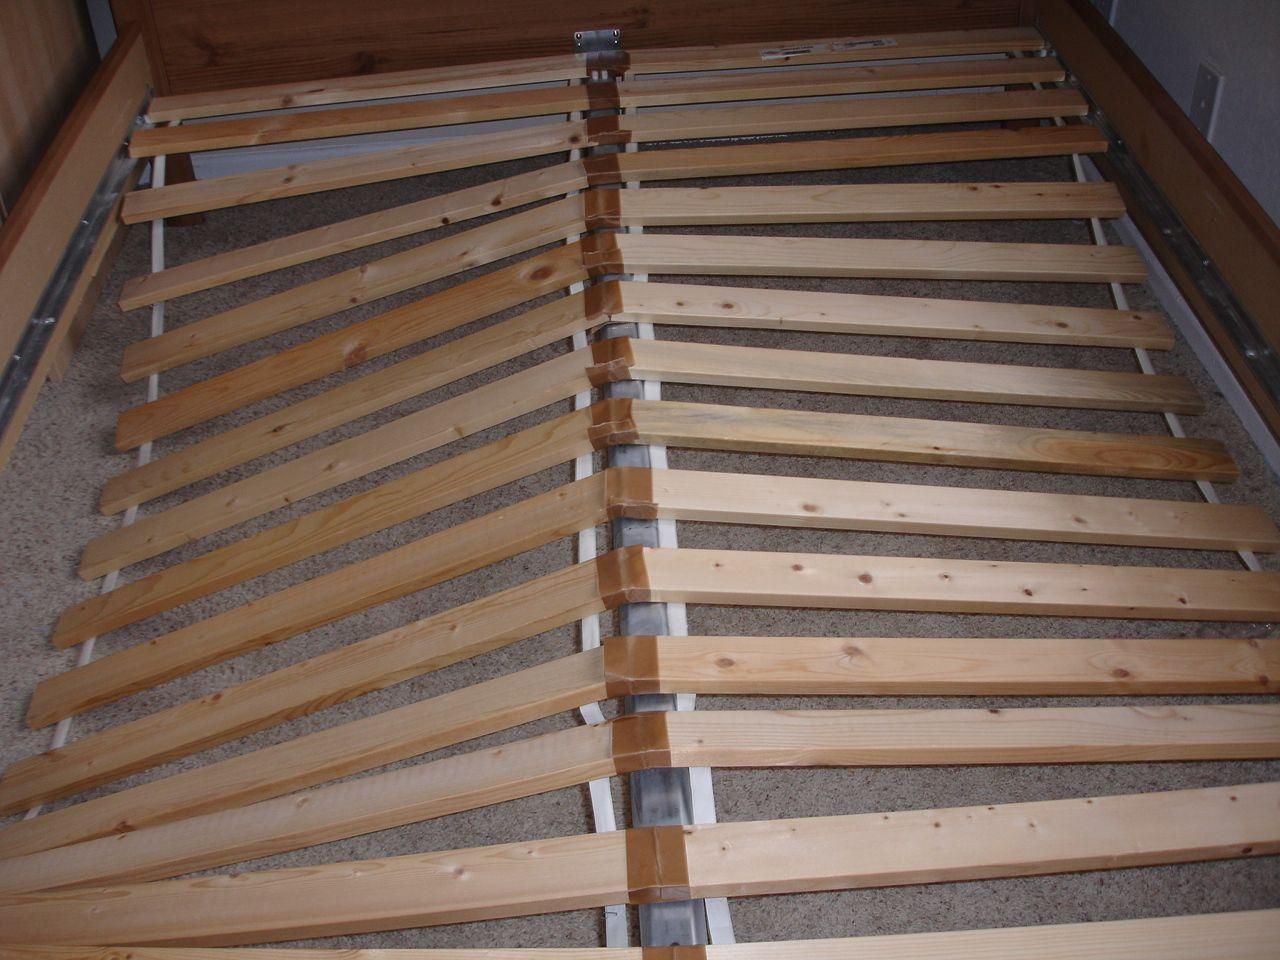 Ikea Bed Slats Ikea Bed Slats Ikea Bed Ikea Bed Frames